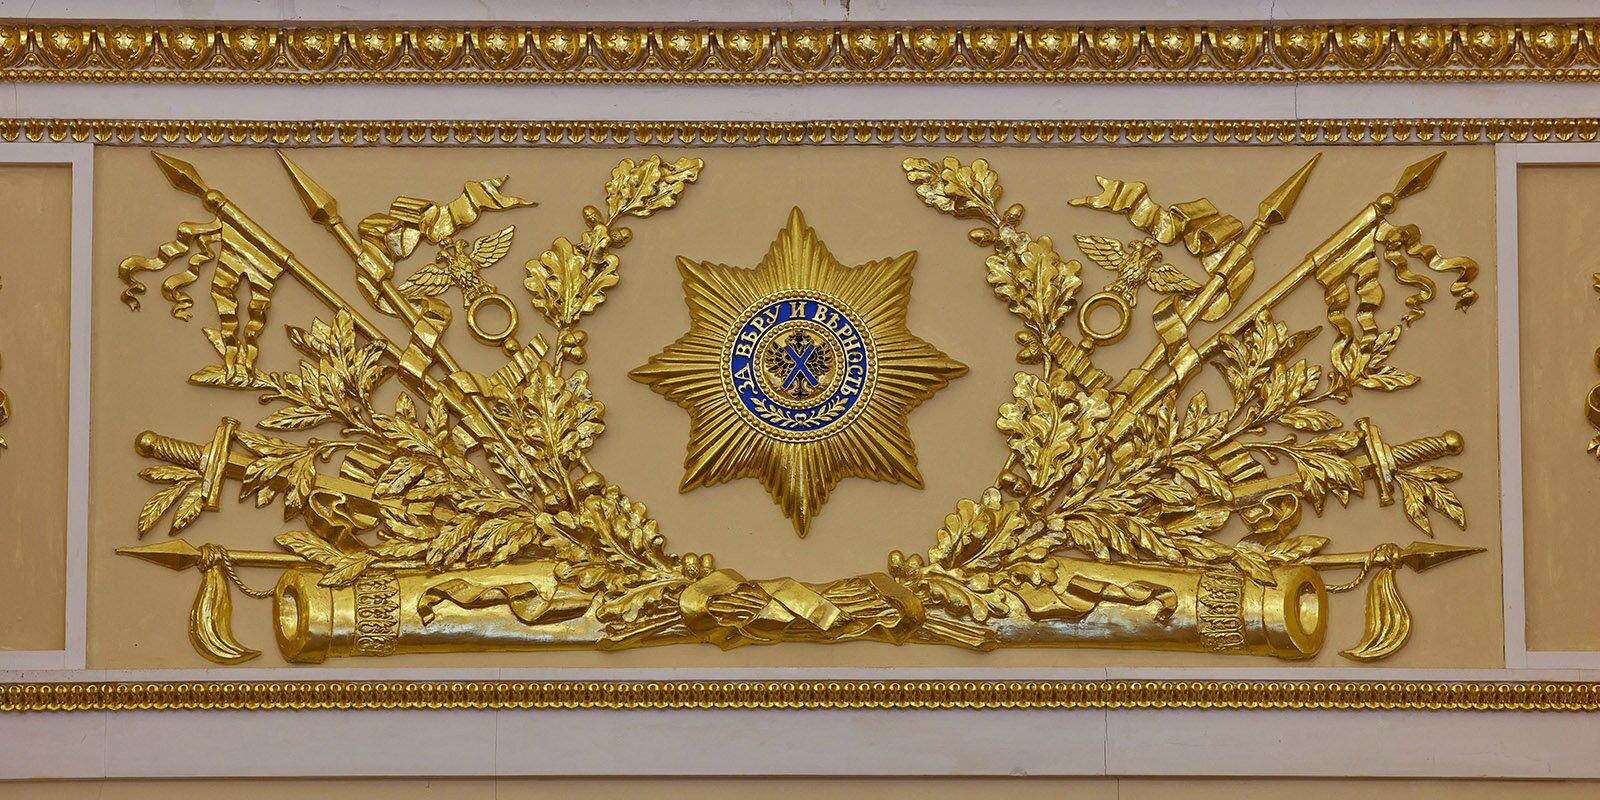 Москвичам рассказали об «орденской истории» России в музее «Царицыно»